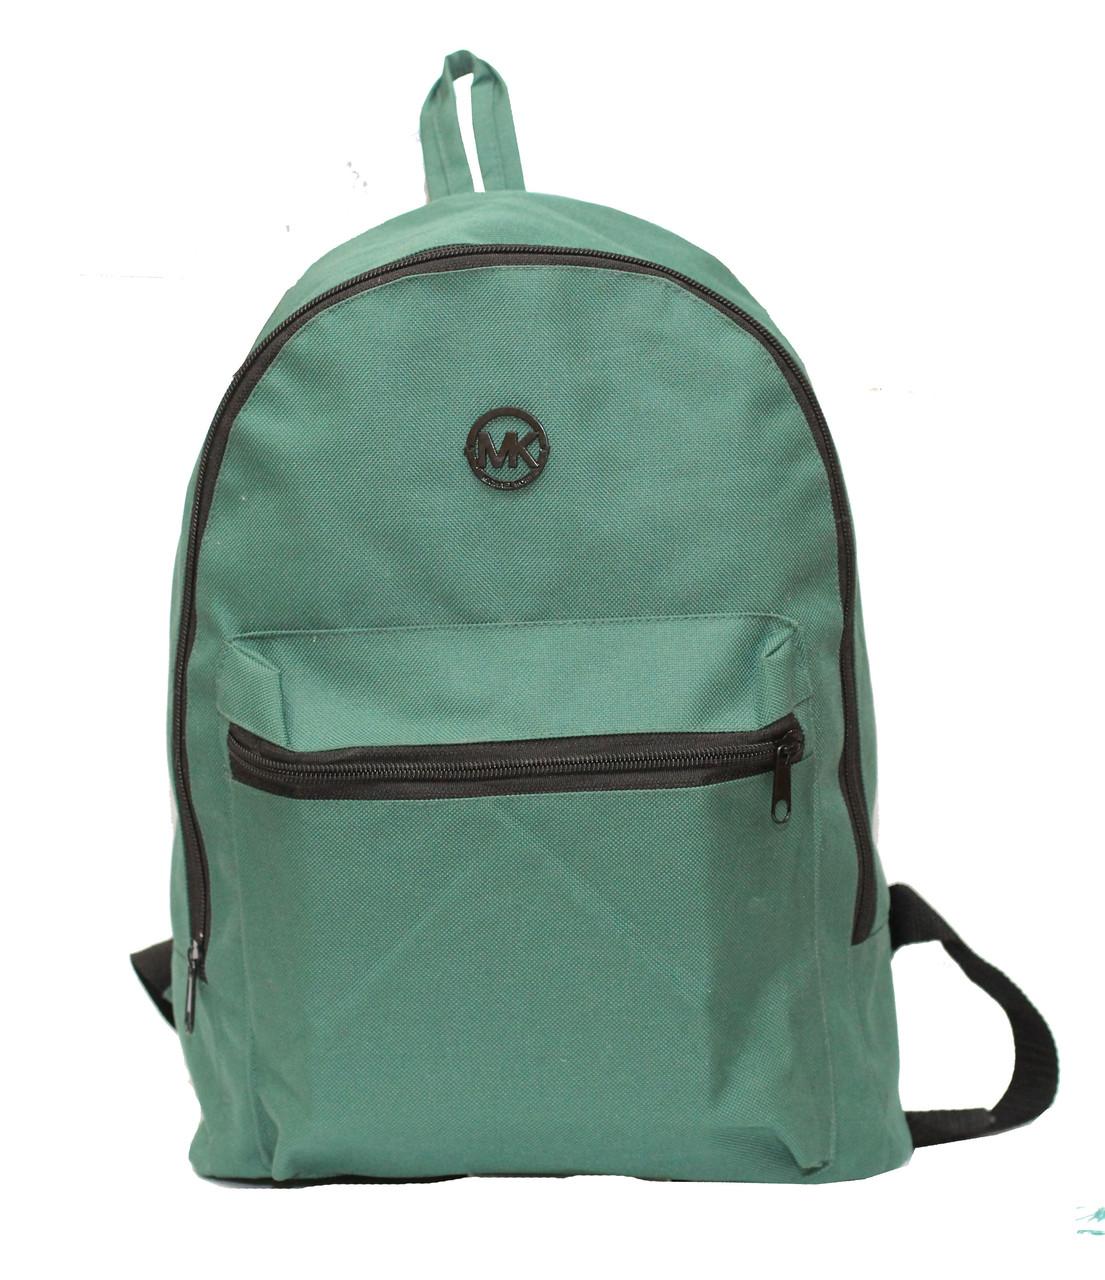 Школьный рюкзак из плотного текстиля среднего размера.